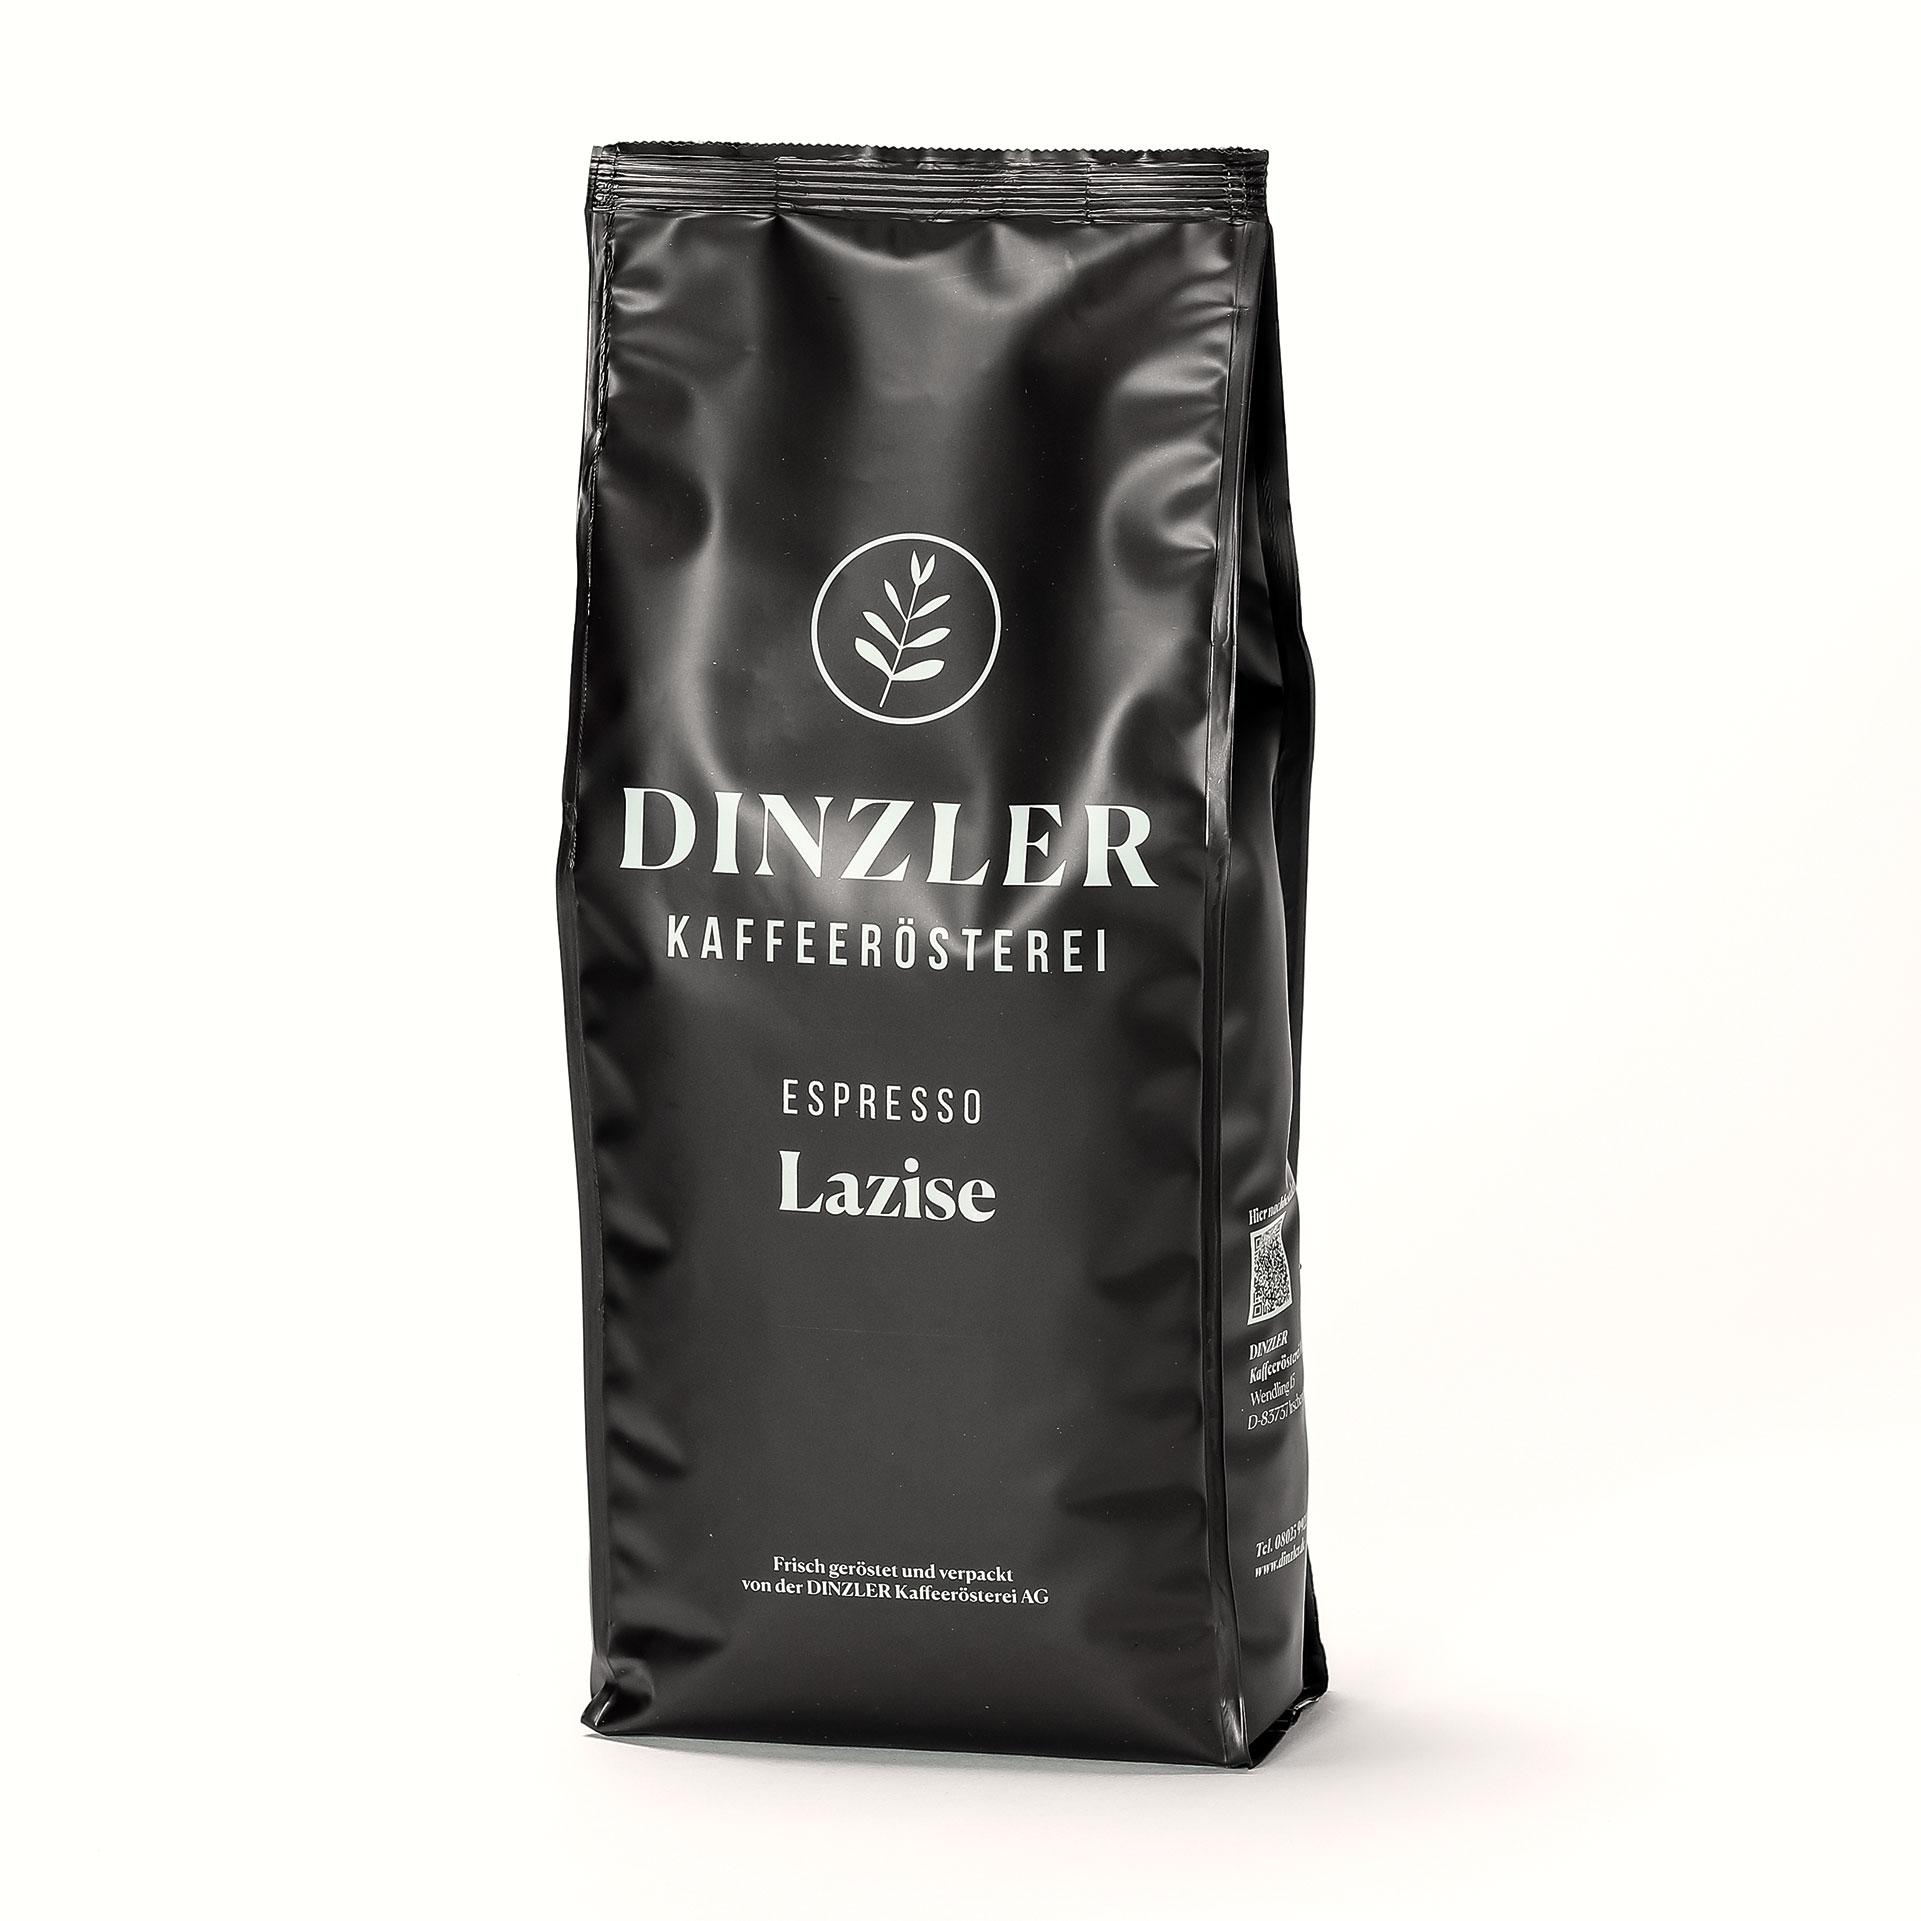 DINZLER Espresso Lazise